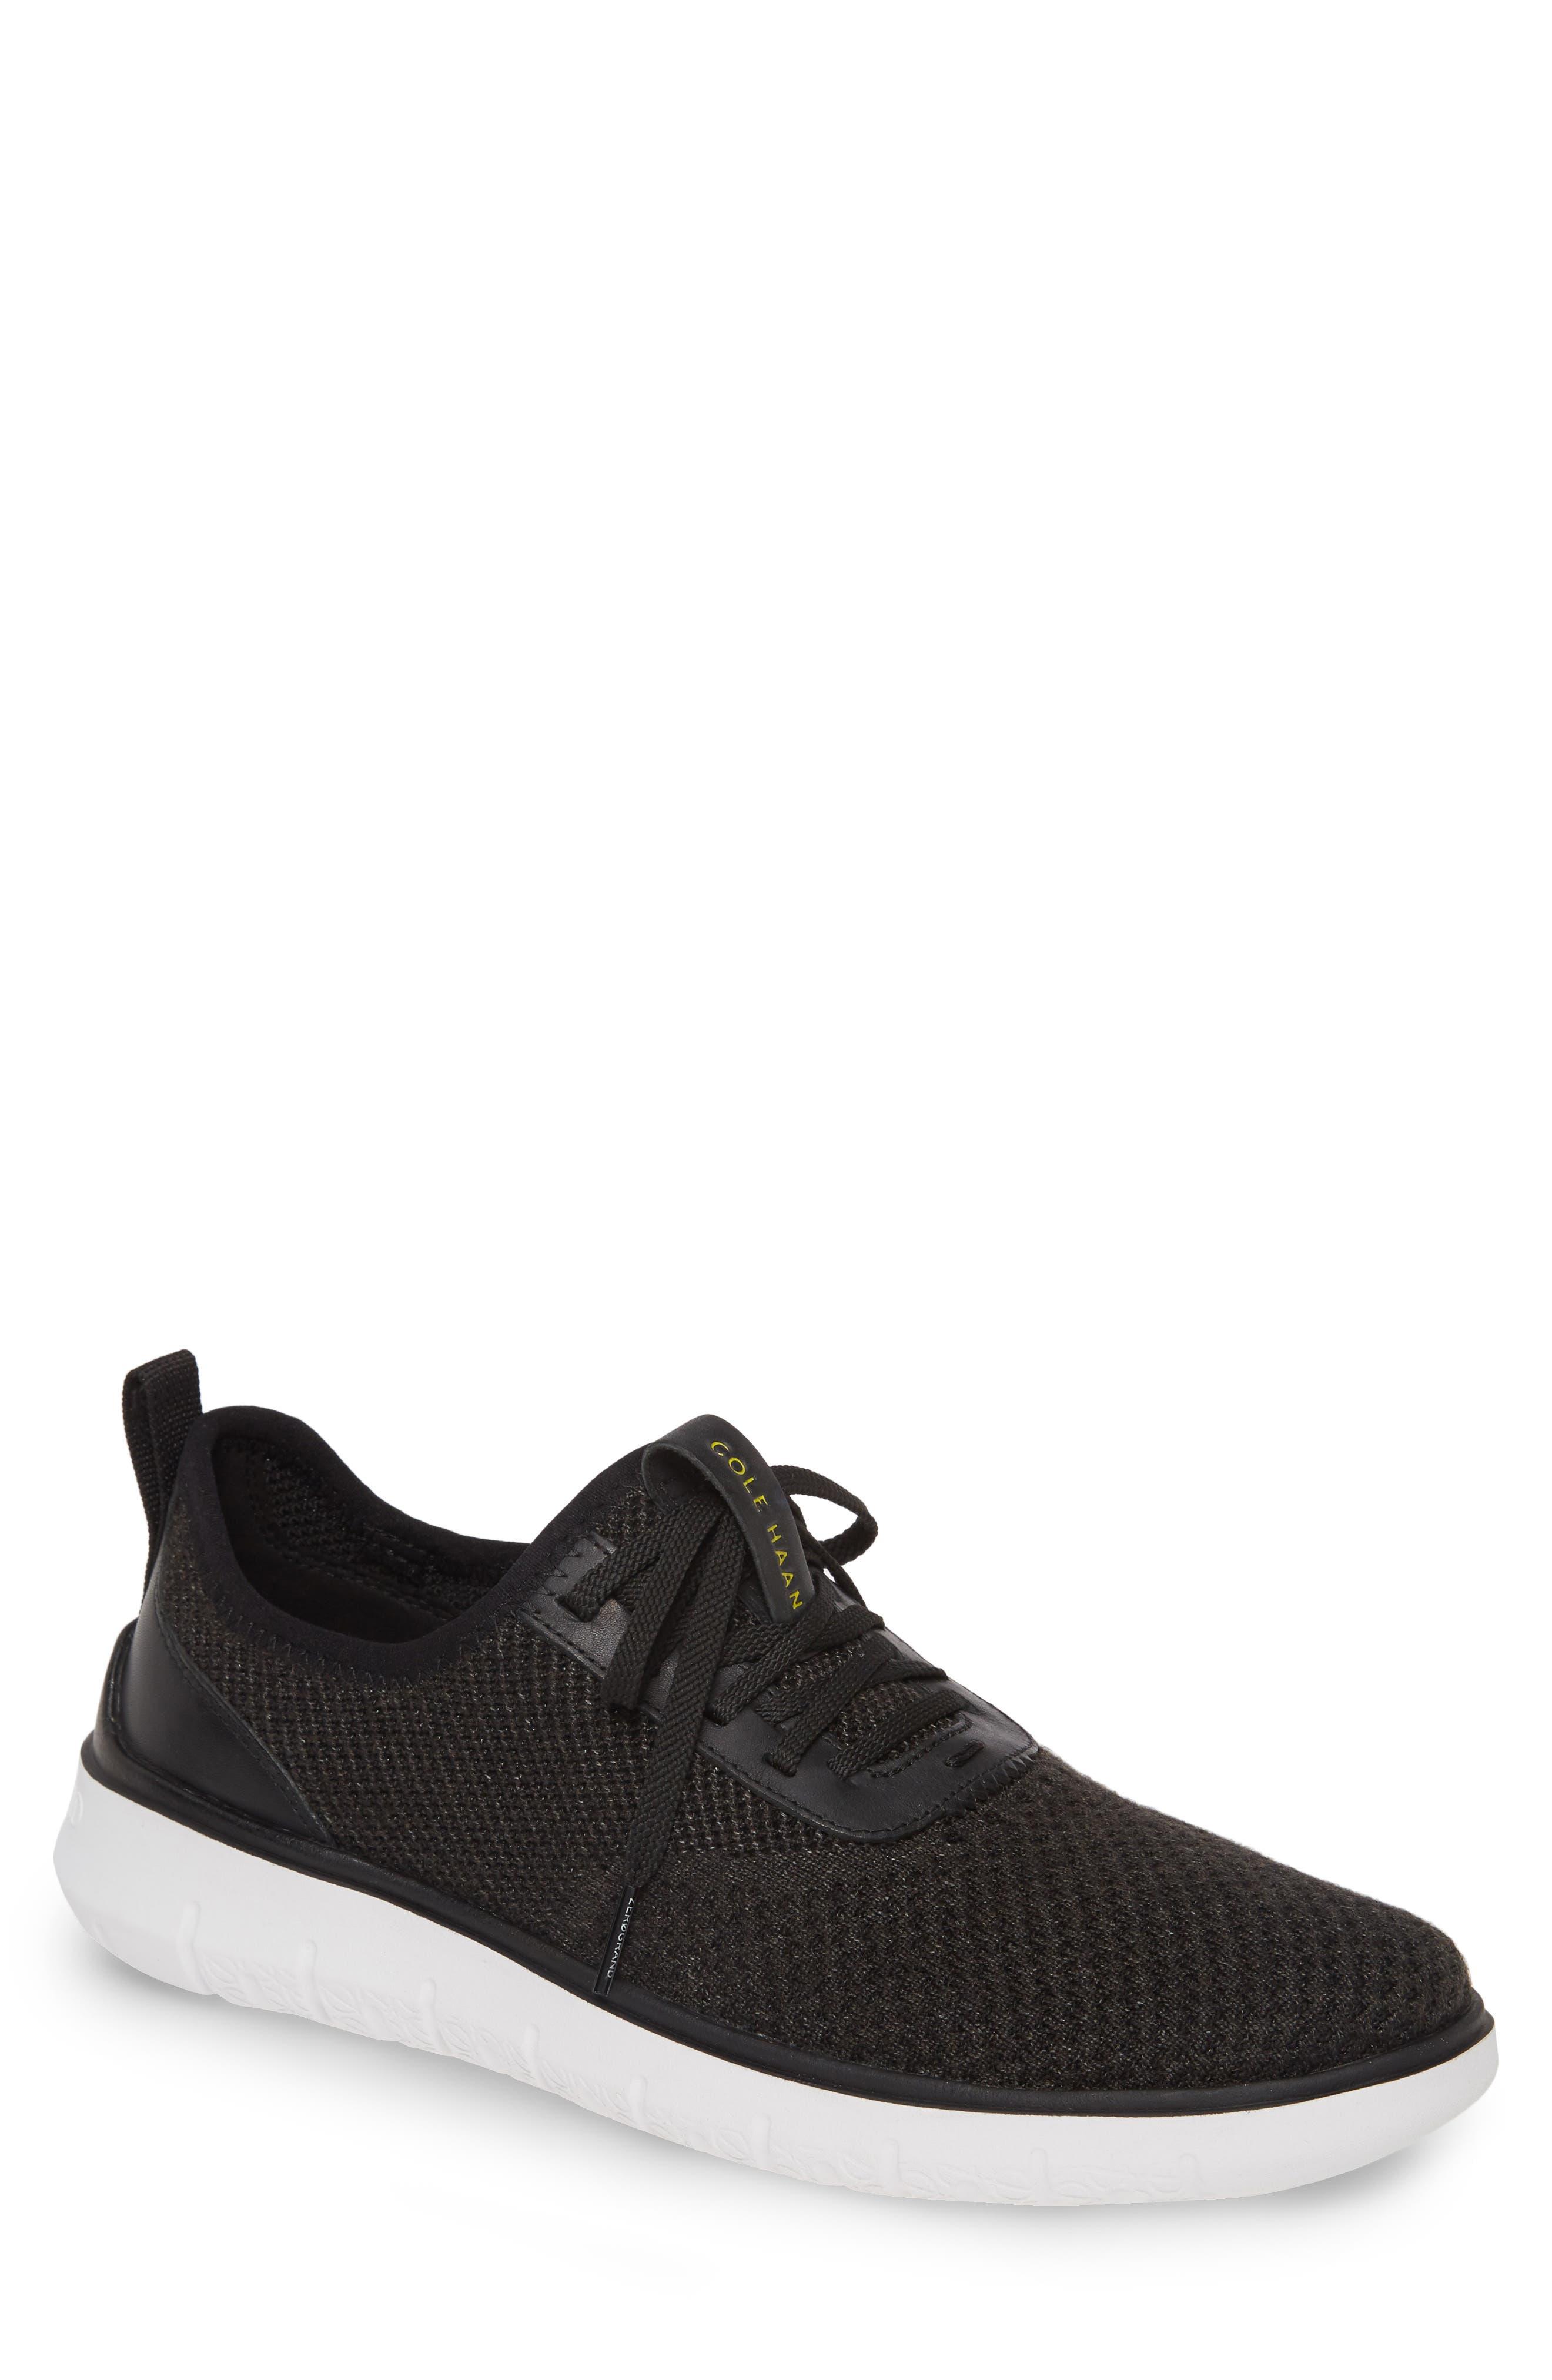 Men's Slip-On Sneakers \u0026 Athletic Shoes